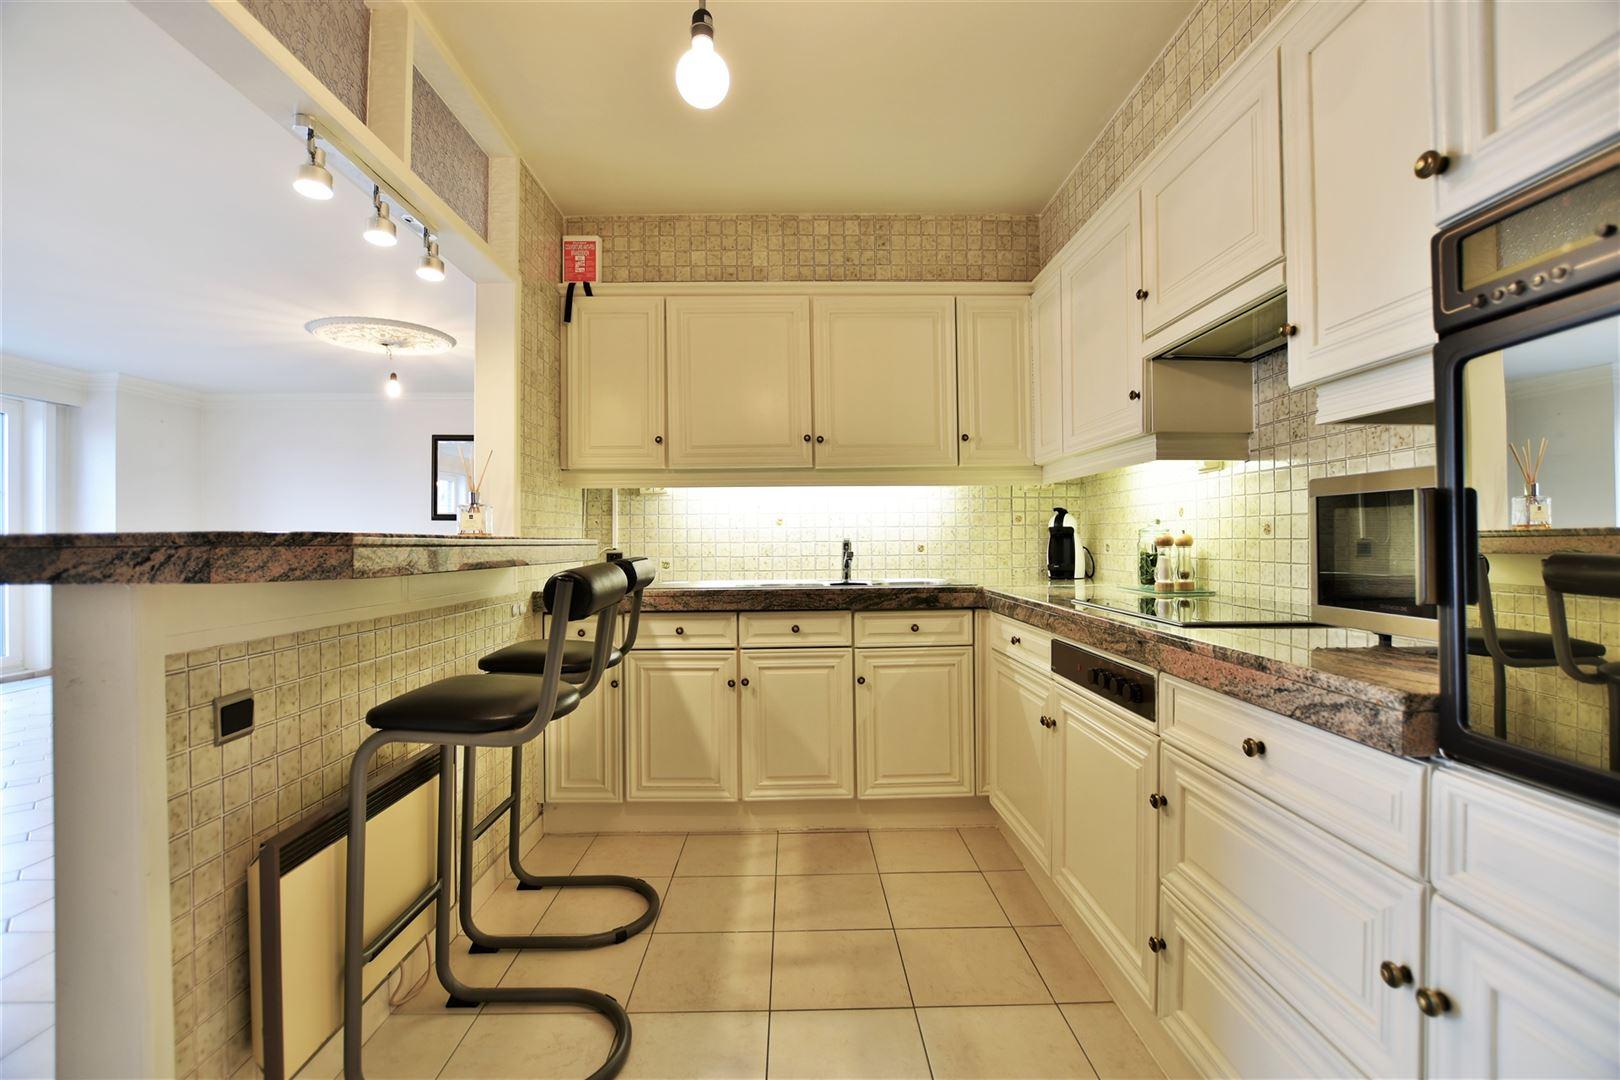 Foto 7 : Appartement te 9240 ZELE (België) - Prijs € 299.000